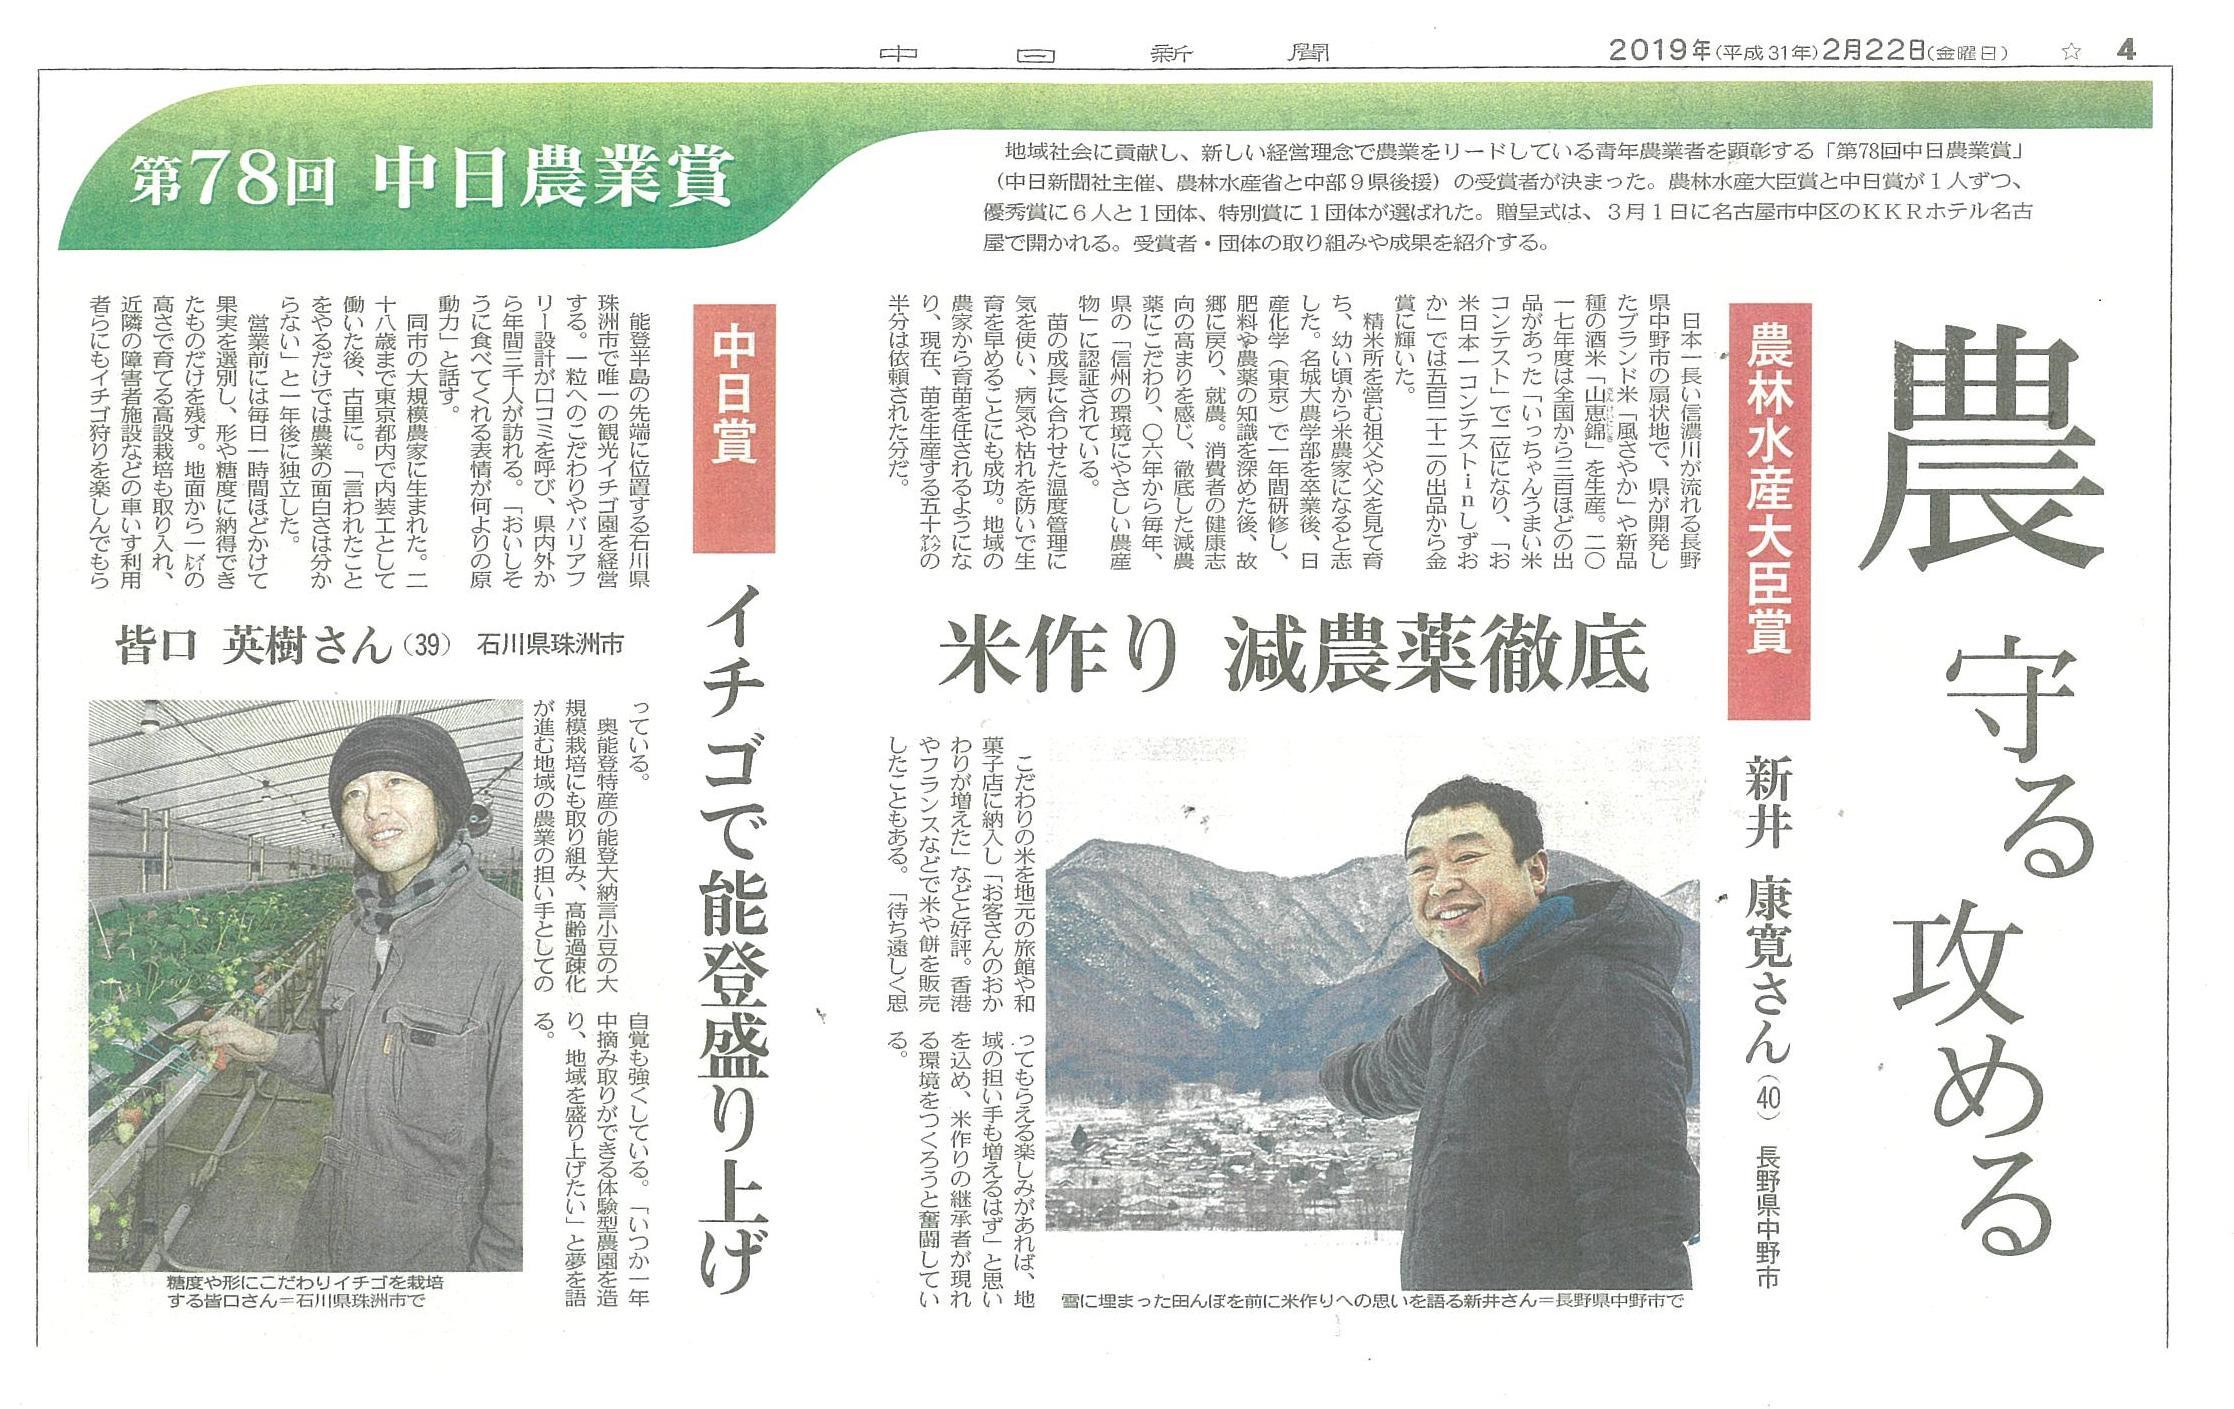 中日新聞 2019年2月22日 第78回中日農業賞特集